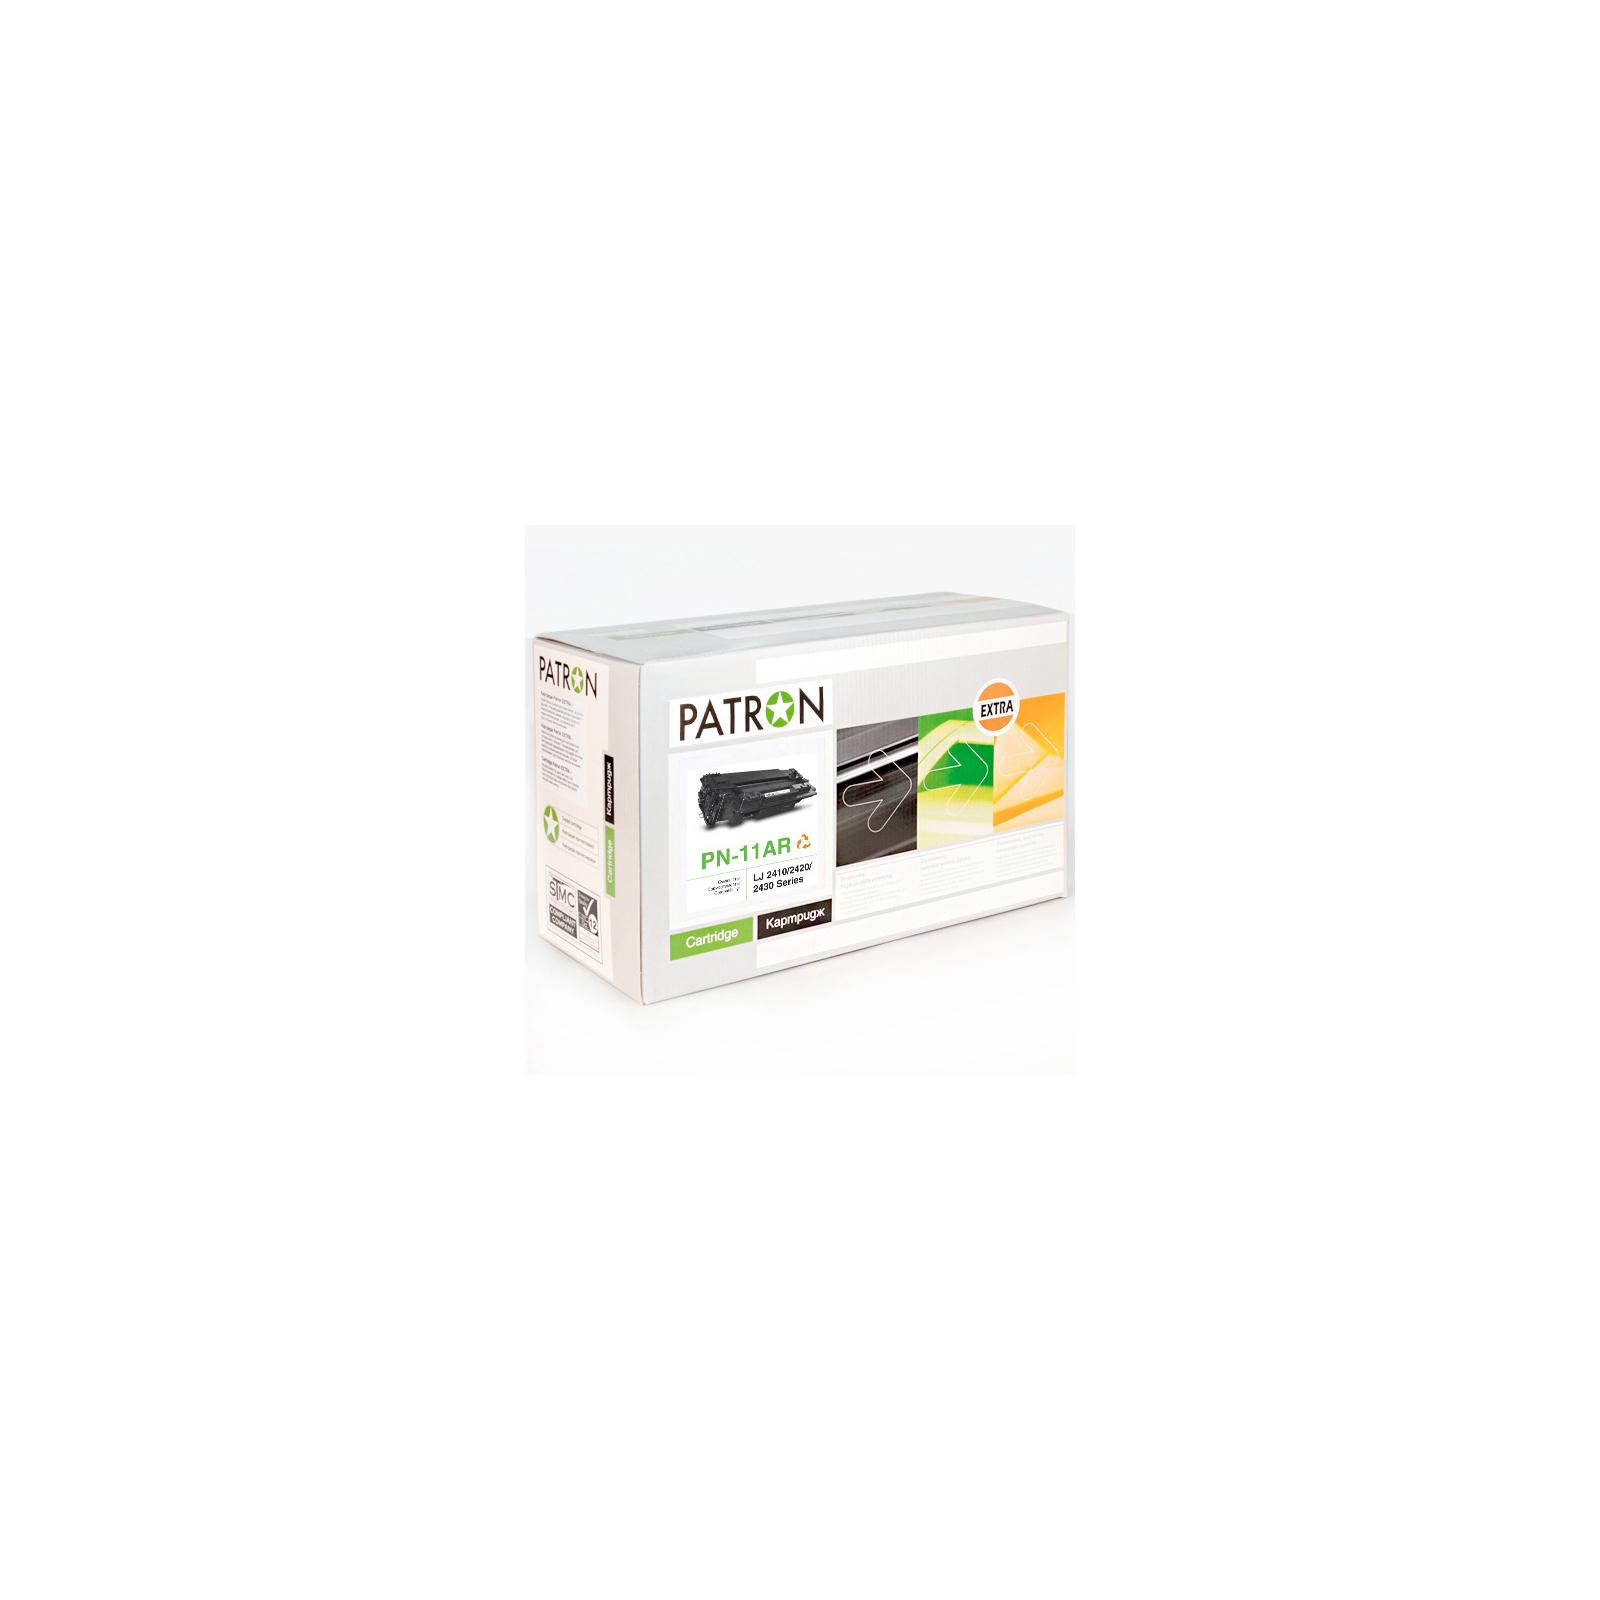 Картридж PATRON HP LJ2410/2420/2430 /Q6511A (PN-11AR) Extra (CT-HP-Q6511A-PN-R)